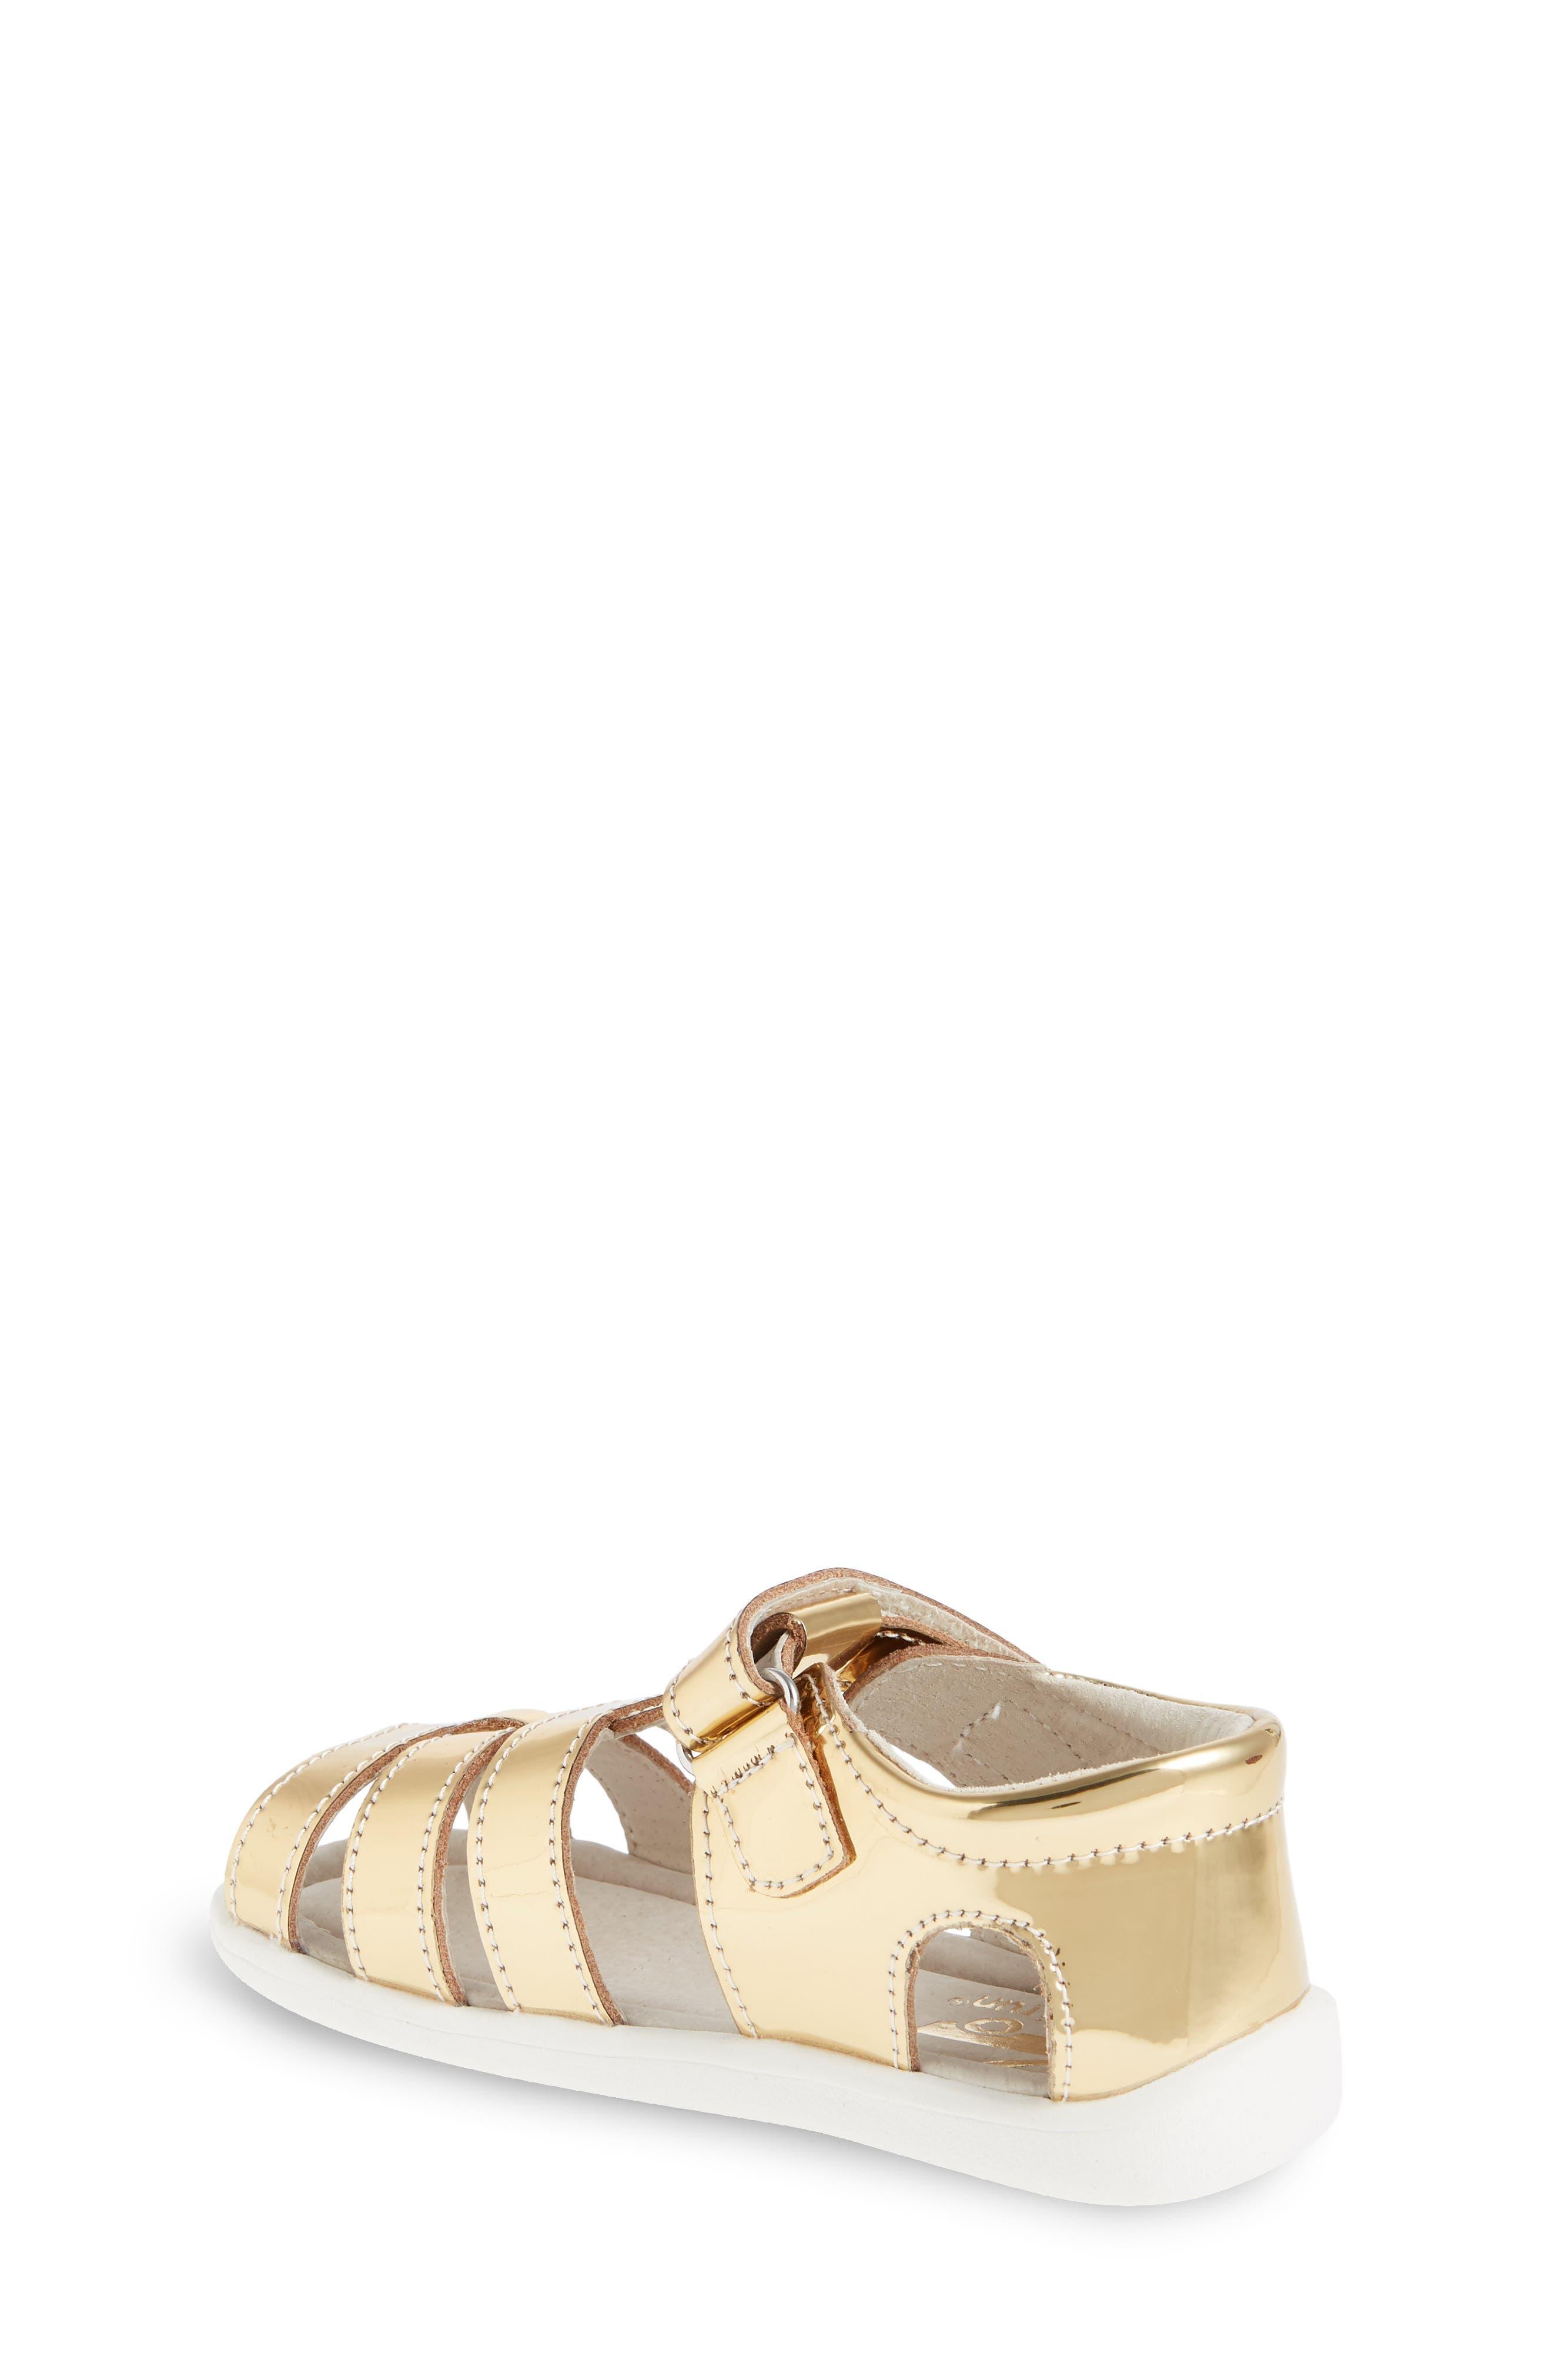 Alternate Image 2  - See Kai Run 'Fe' Metallic Leather Gladiator Sandal (Baby, Walker & Toddler)